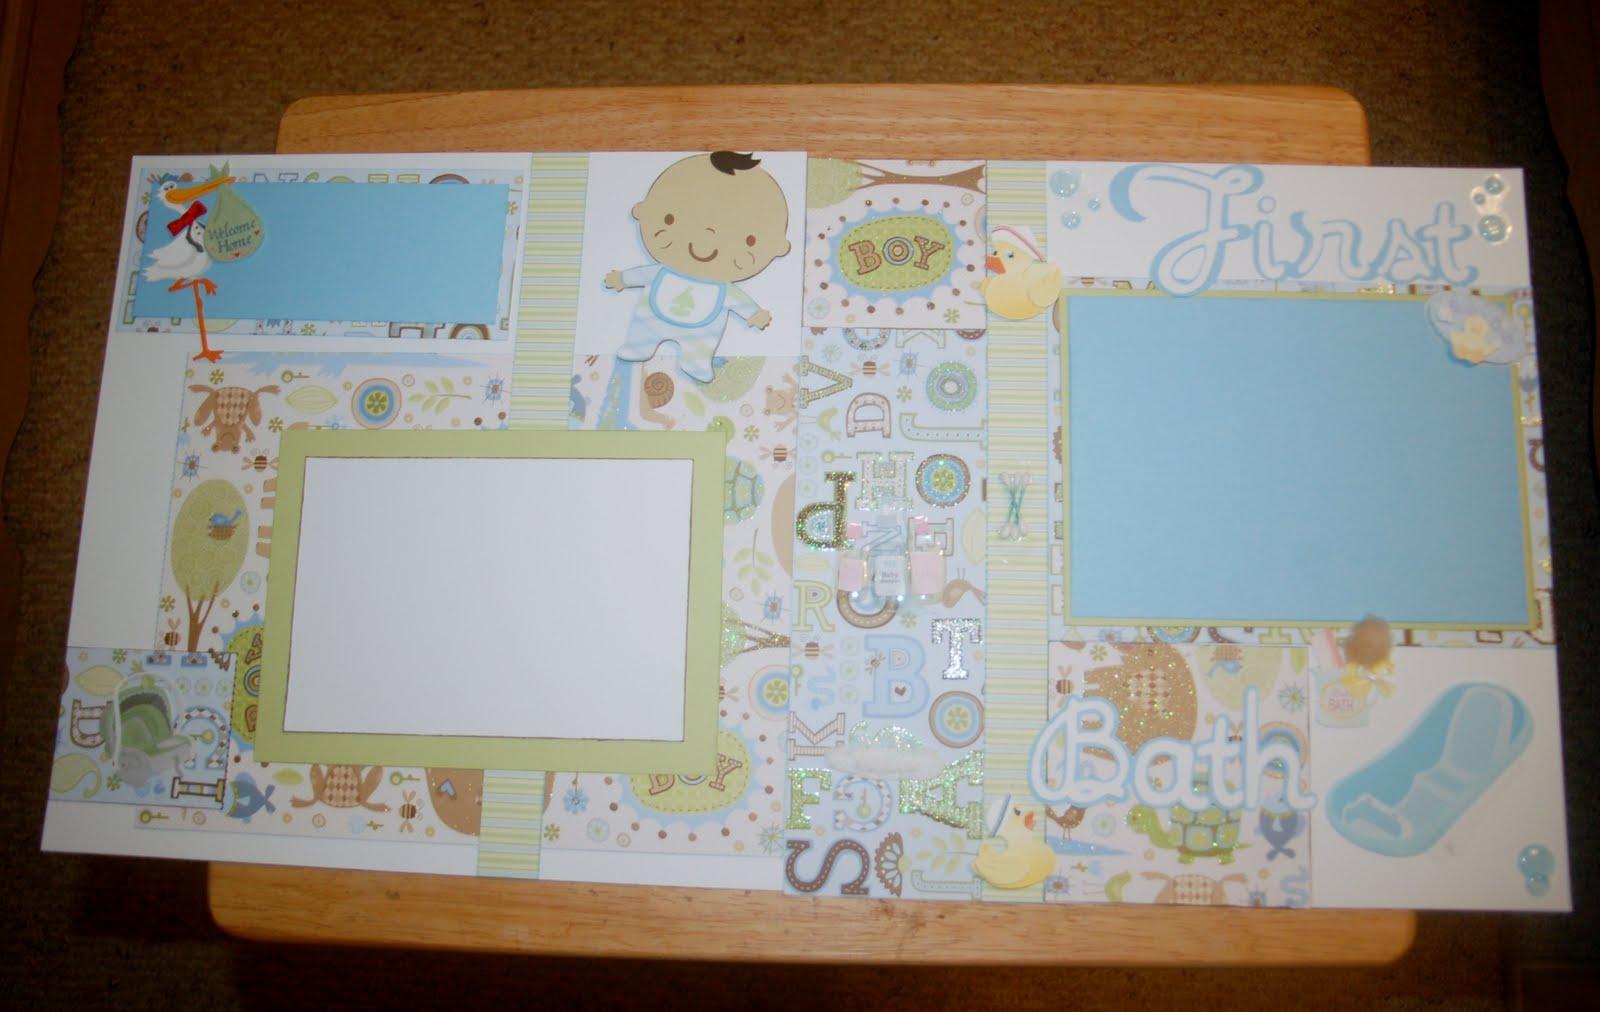 How to scrapbook a baby album - Baby Boy Scrapbook Album